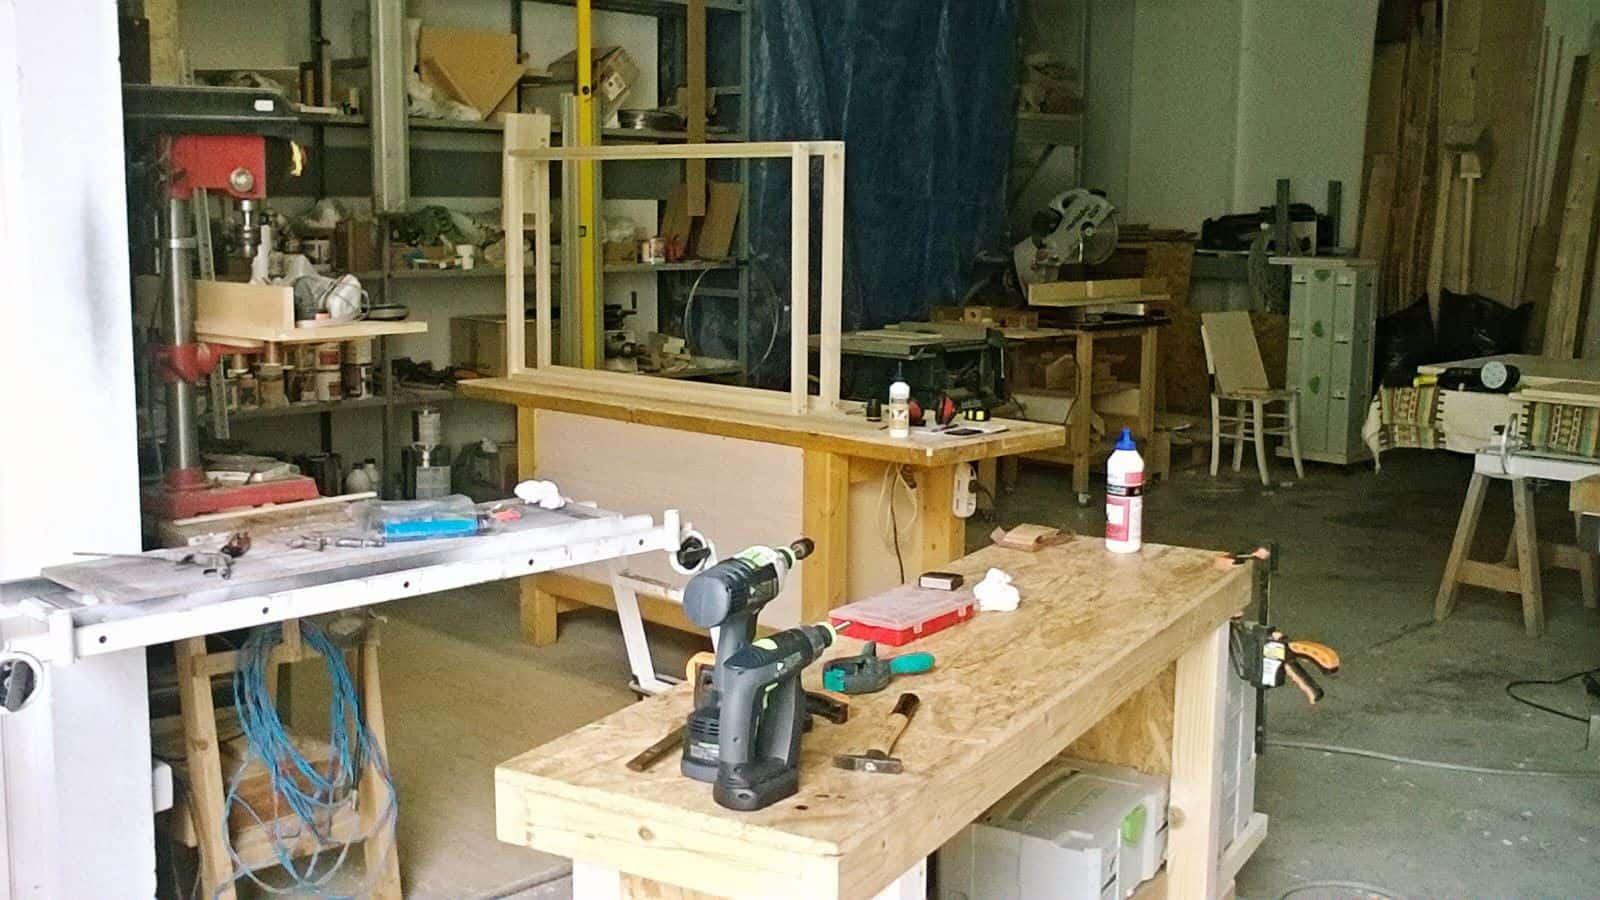 la mia falegnameria stefano il falegname sardegna fai da te artigianato